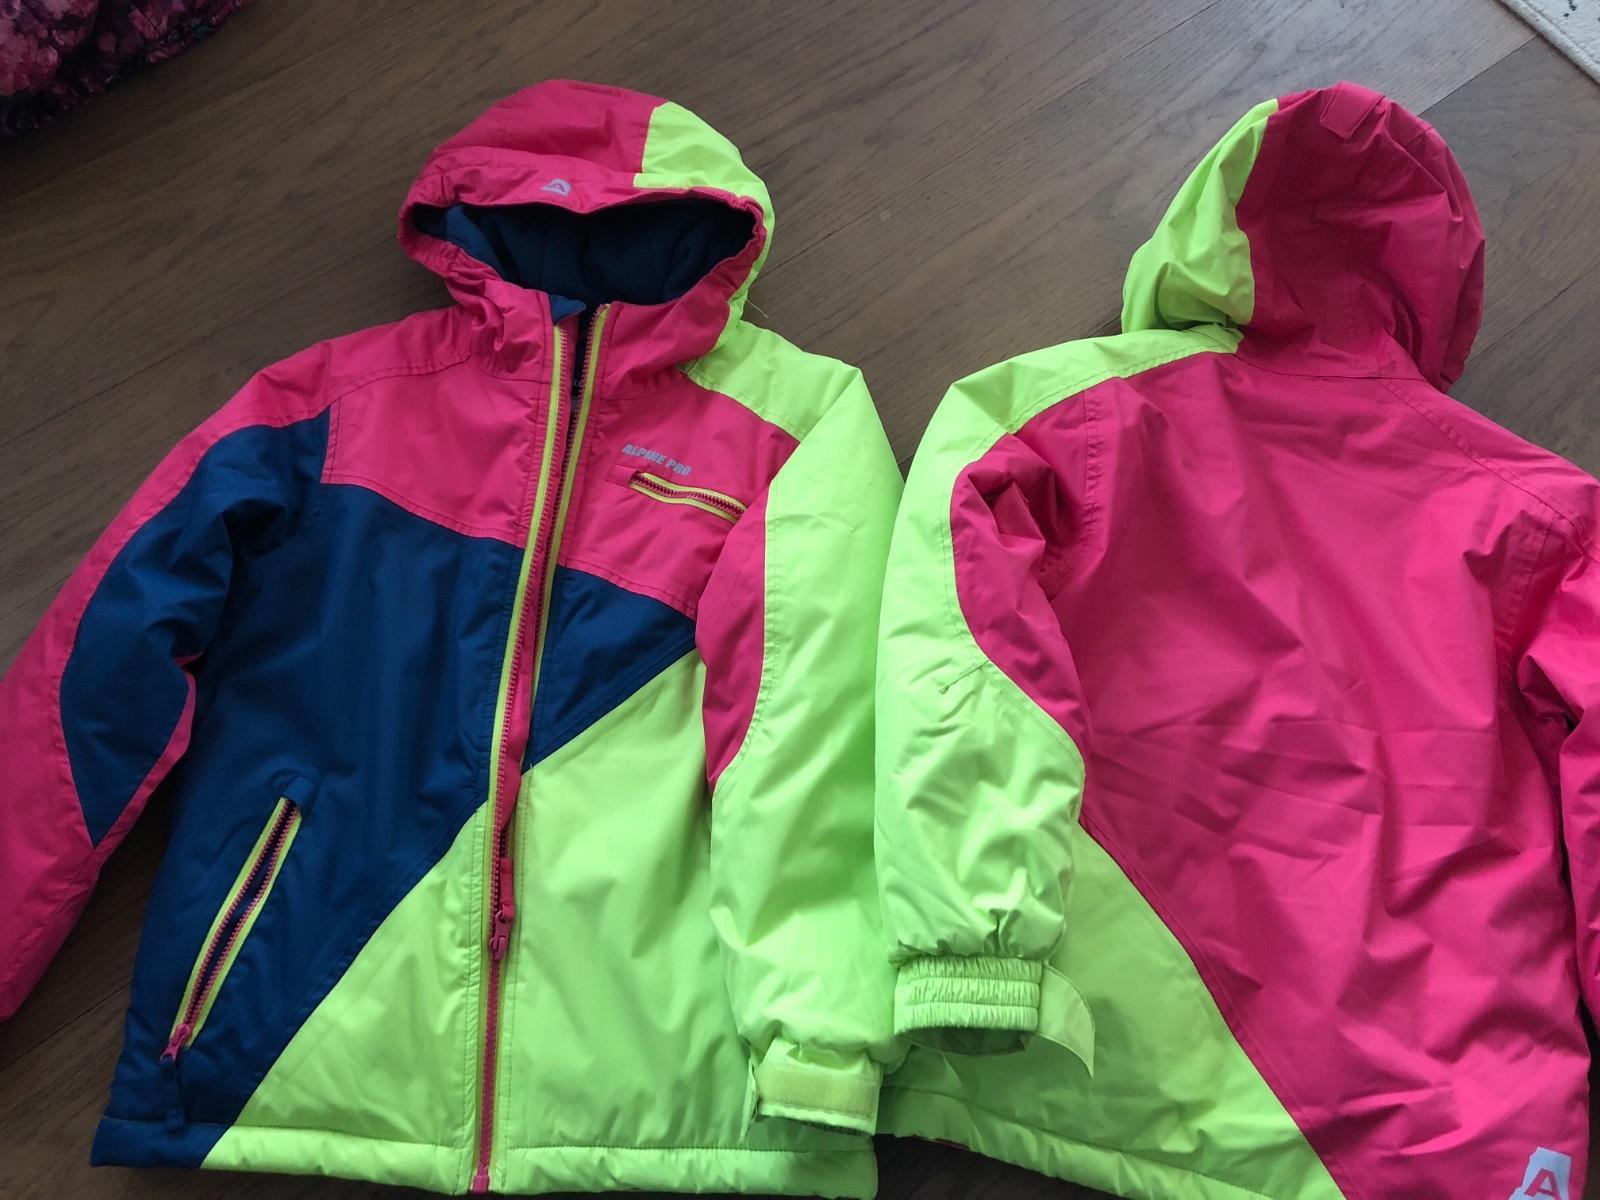 800536ece 128 alpine pro lyžiarske bundy pre dvojičky, 128 - 22 € od predávajúcej  matamita   Detský bazár   ModryKonik.sk